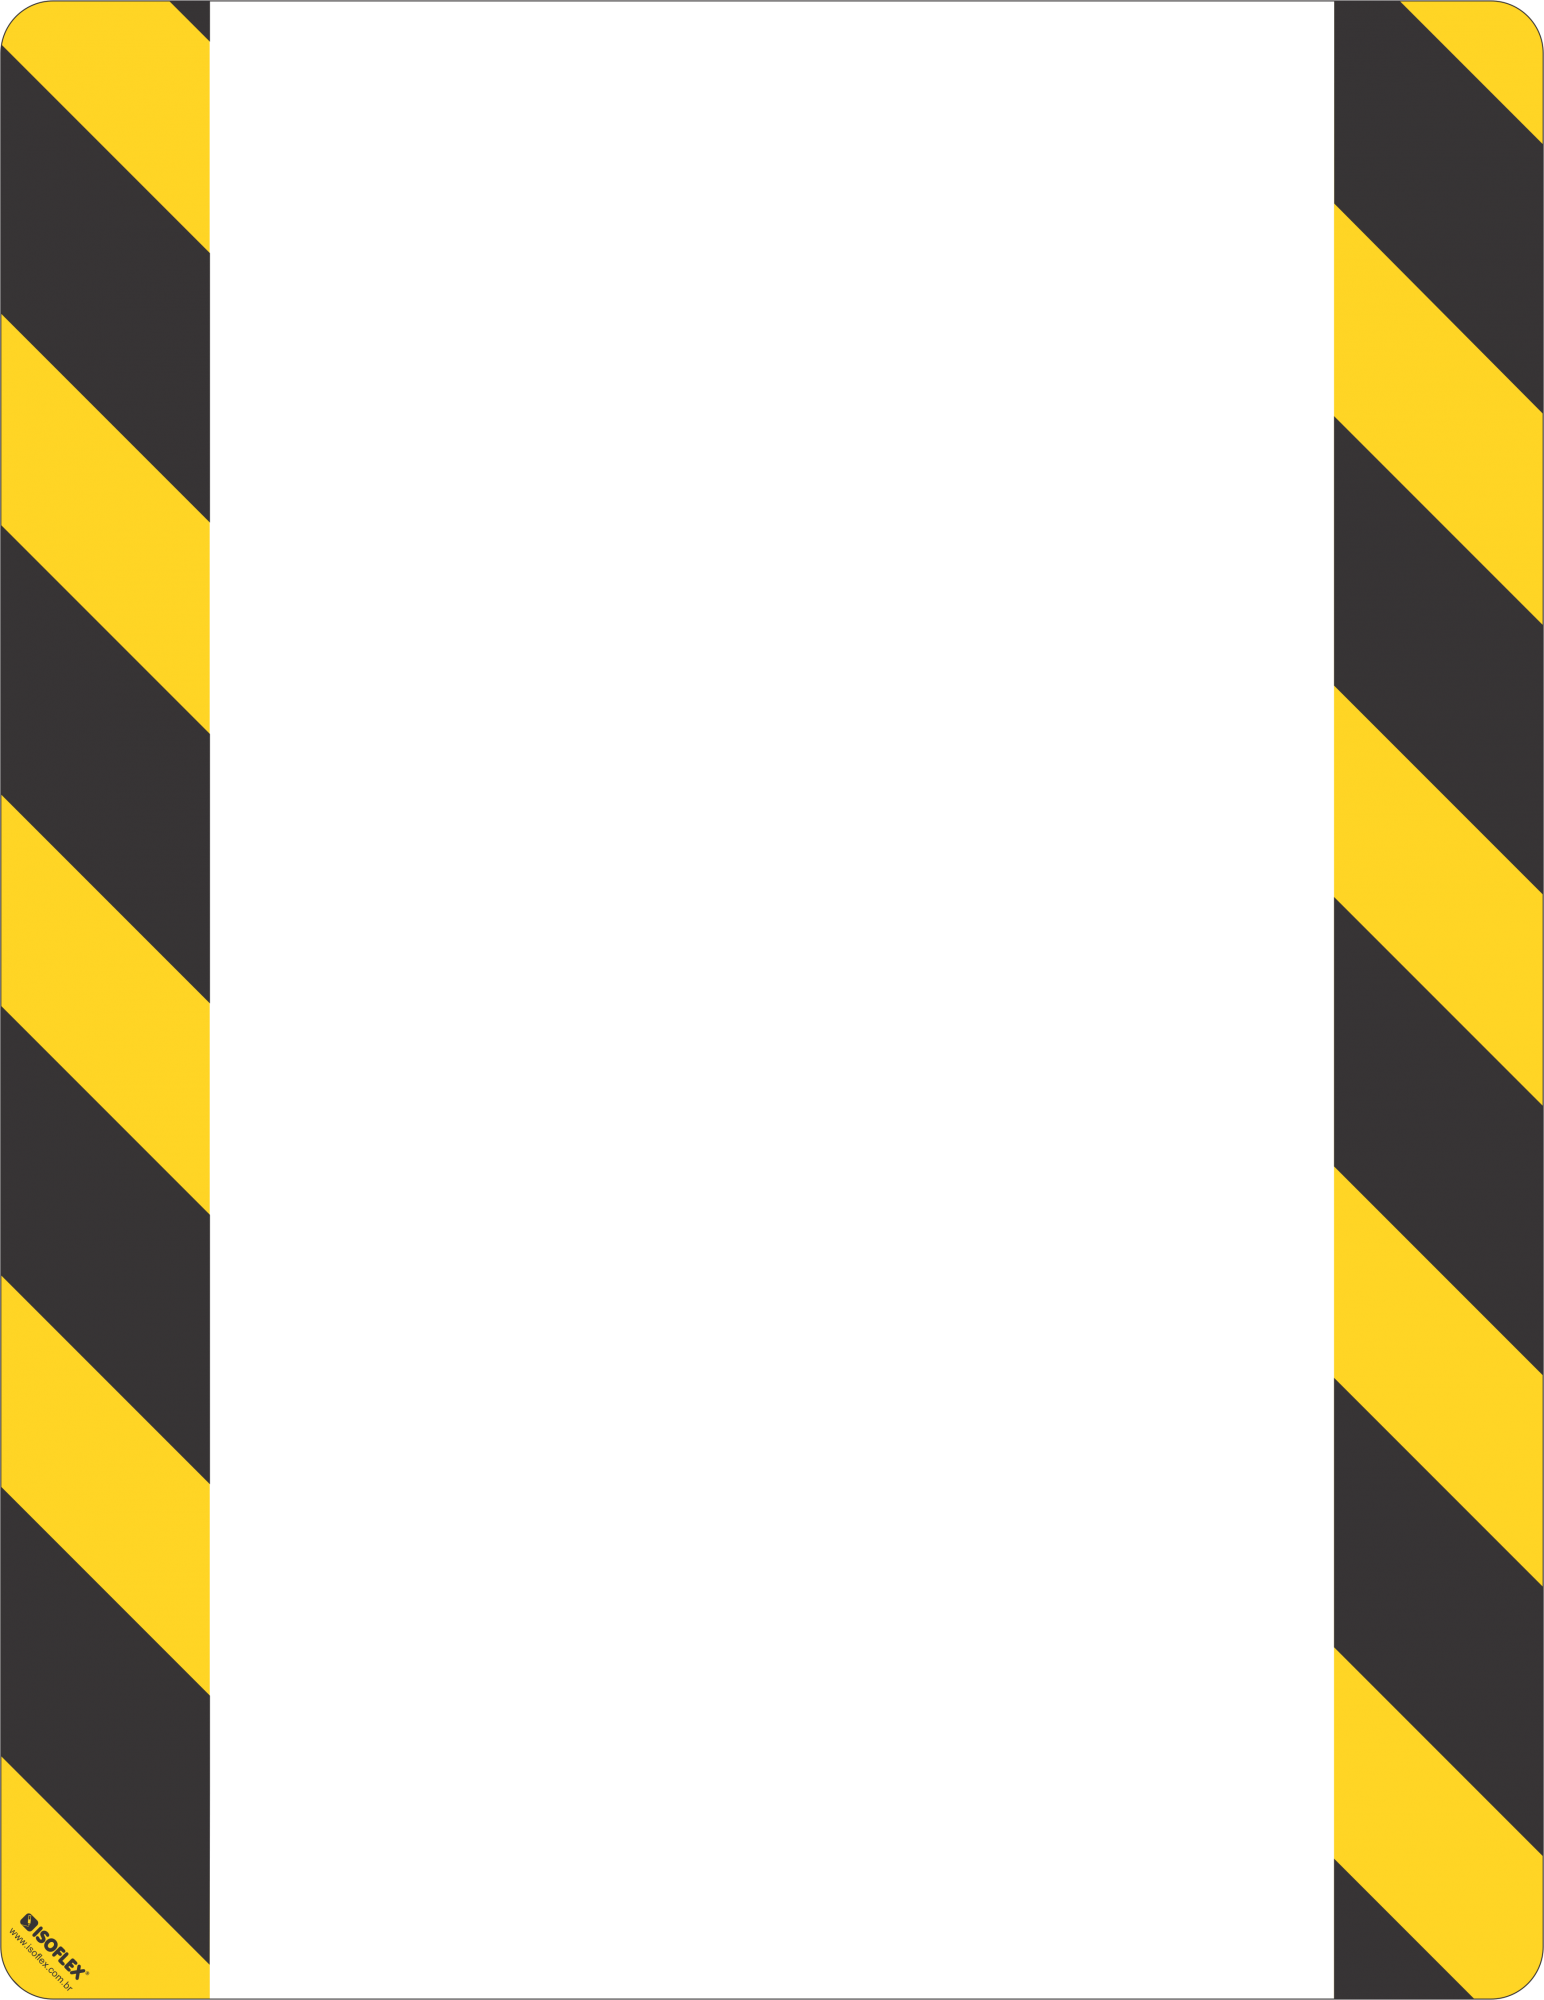 Identificador de Piso Zebrado | Kit com 5 unidades